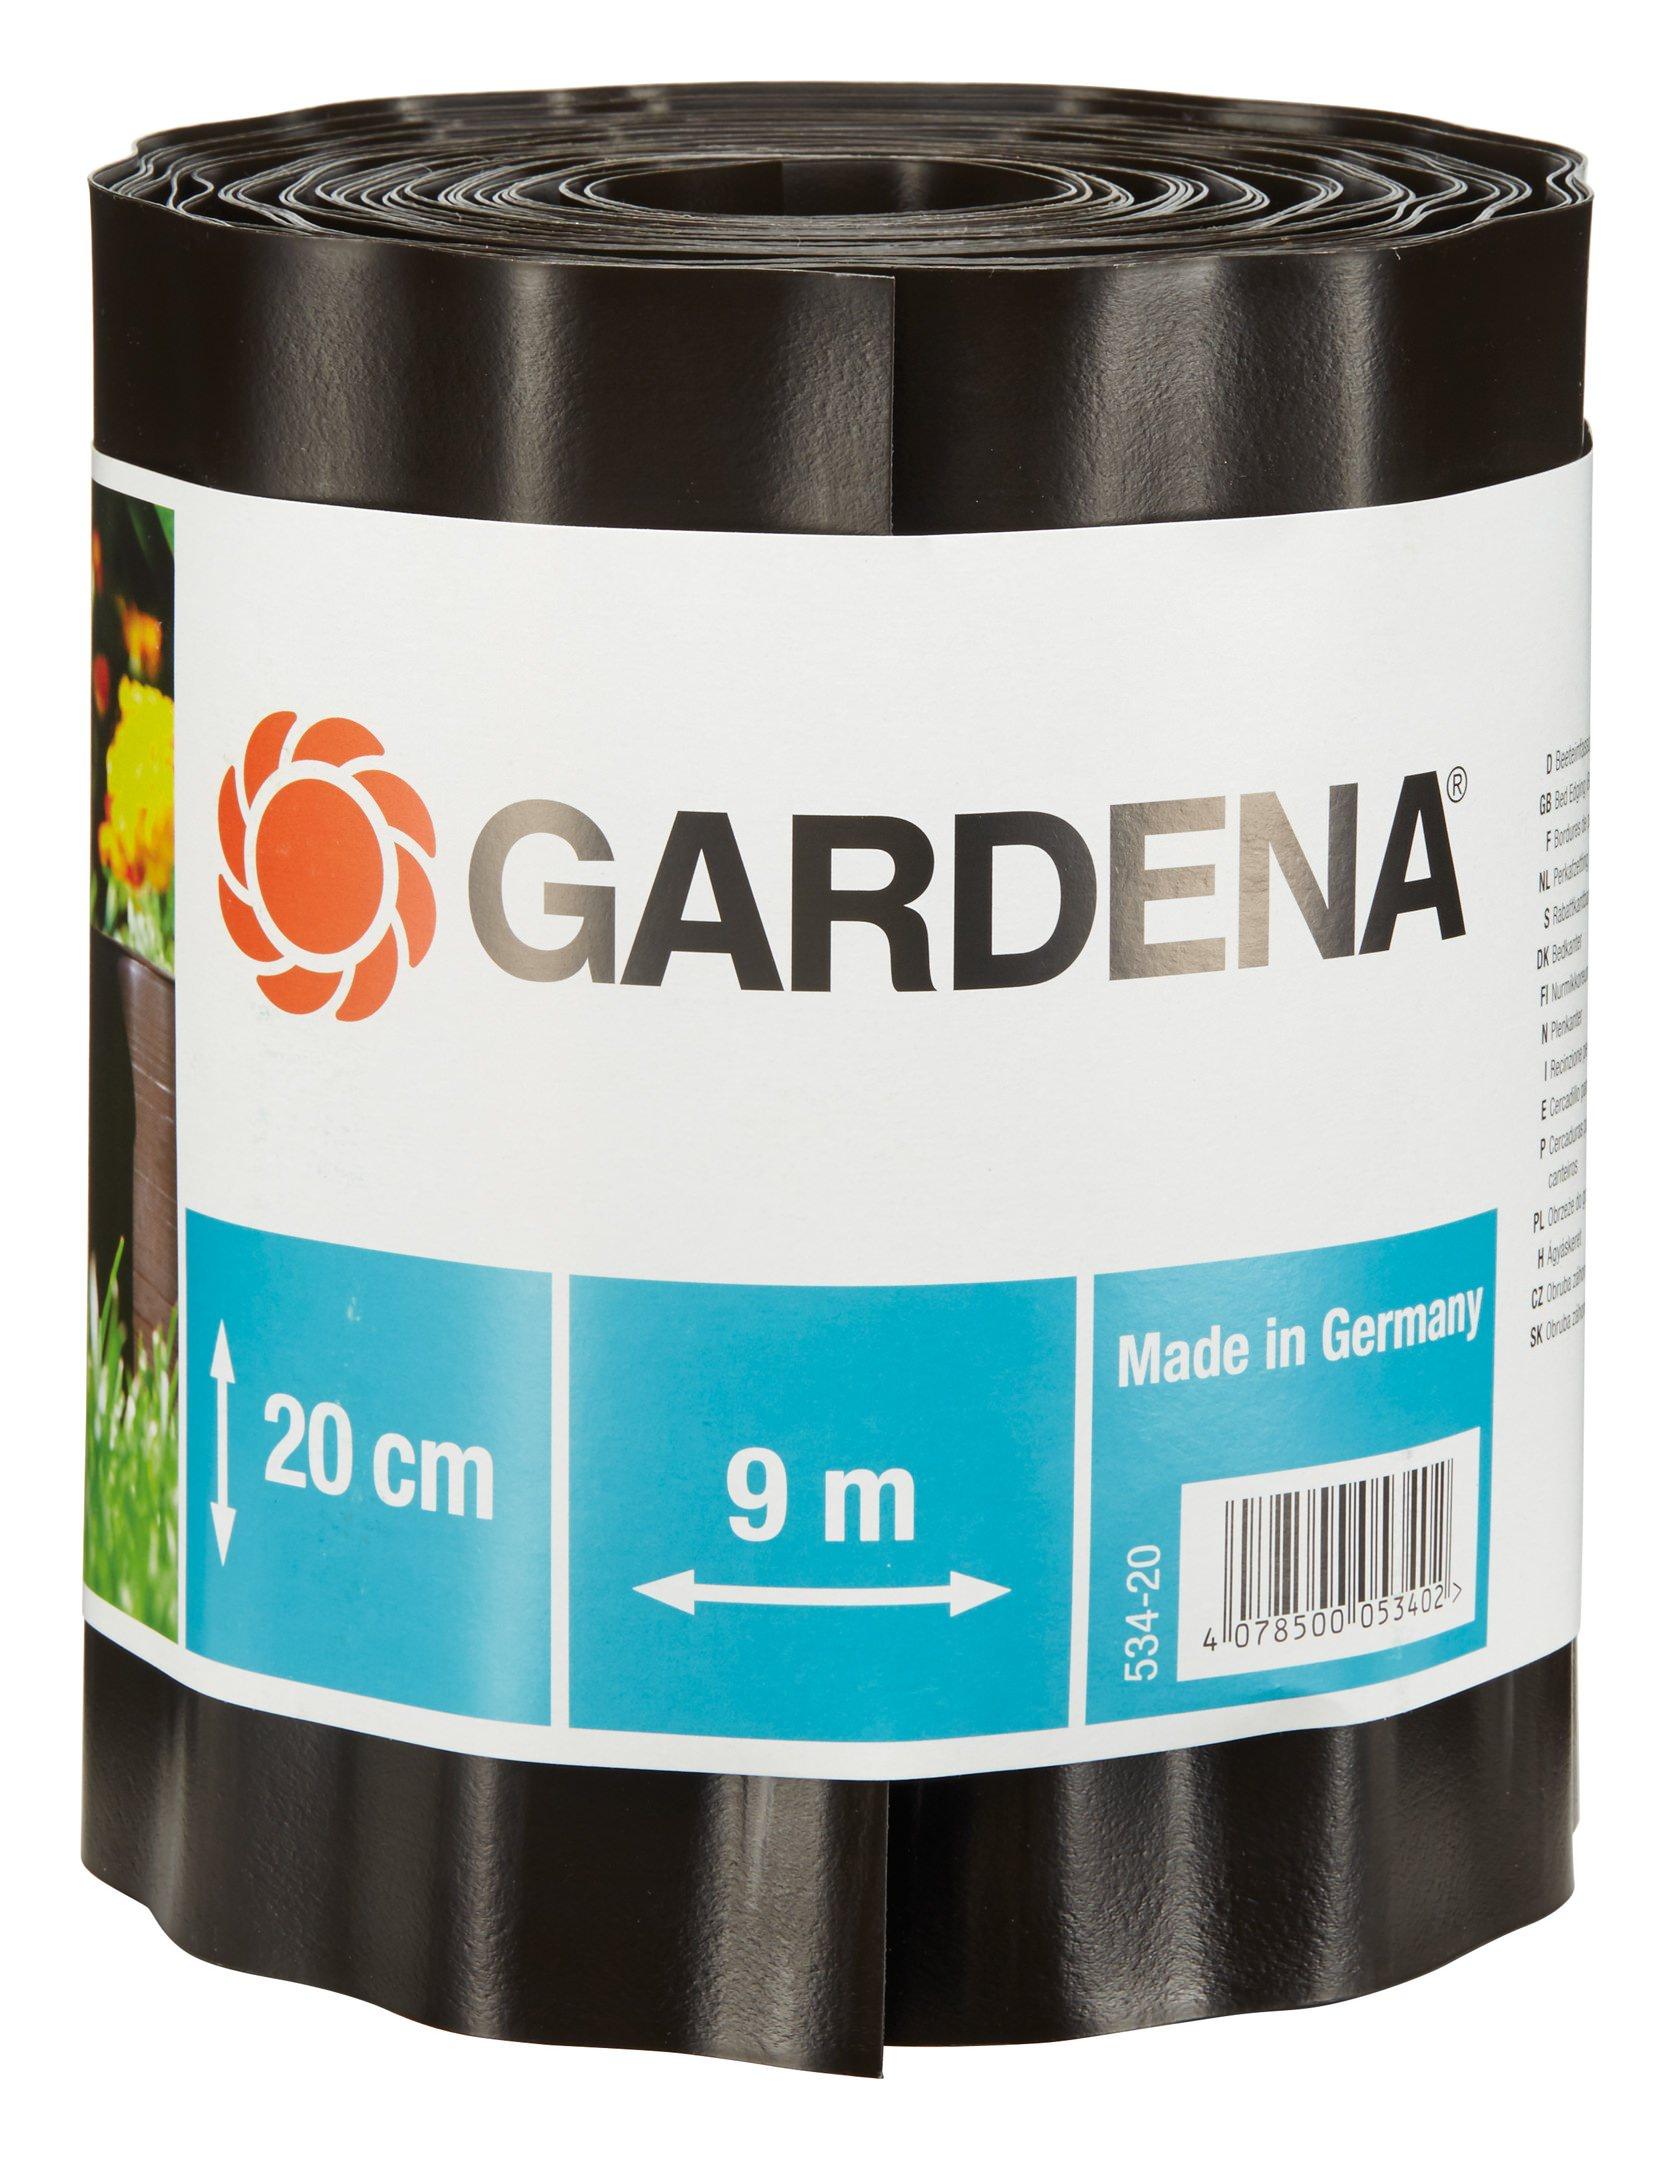 Gardena Beeteinfassung braun 15 cm hoch x 9 m lang - 00532-20